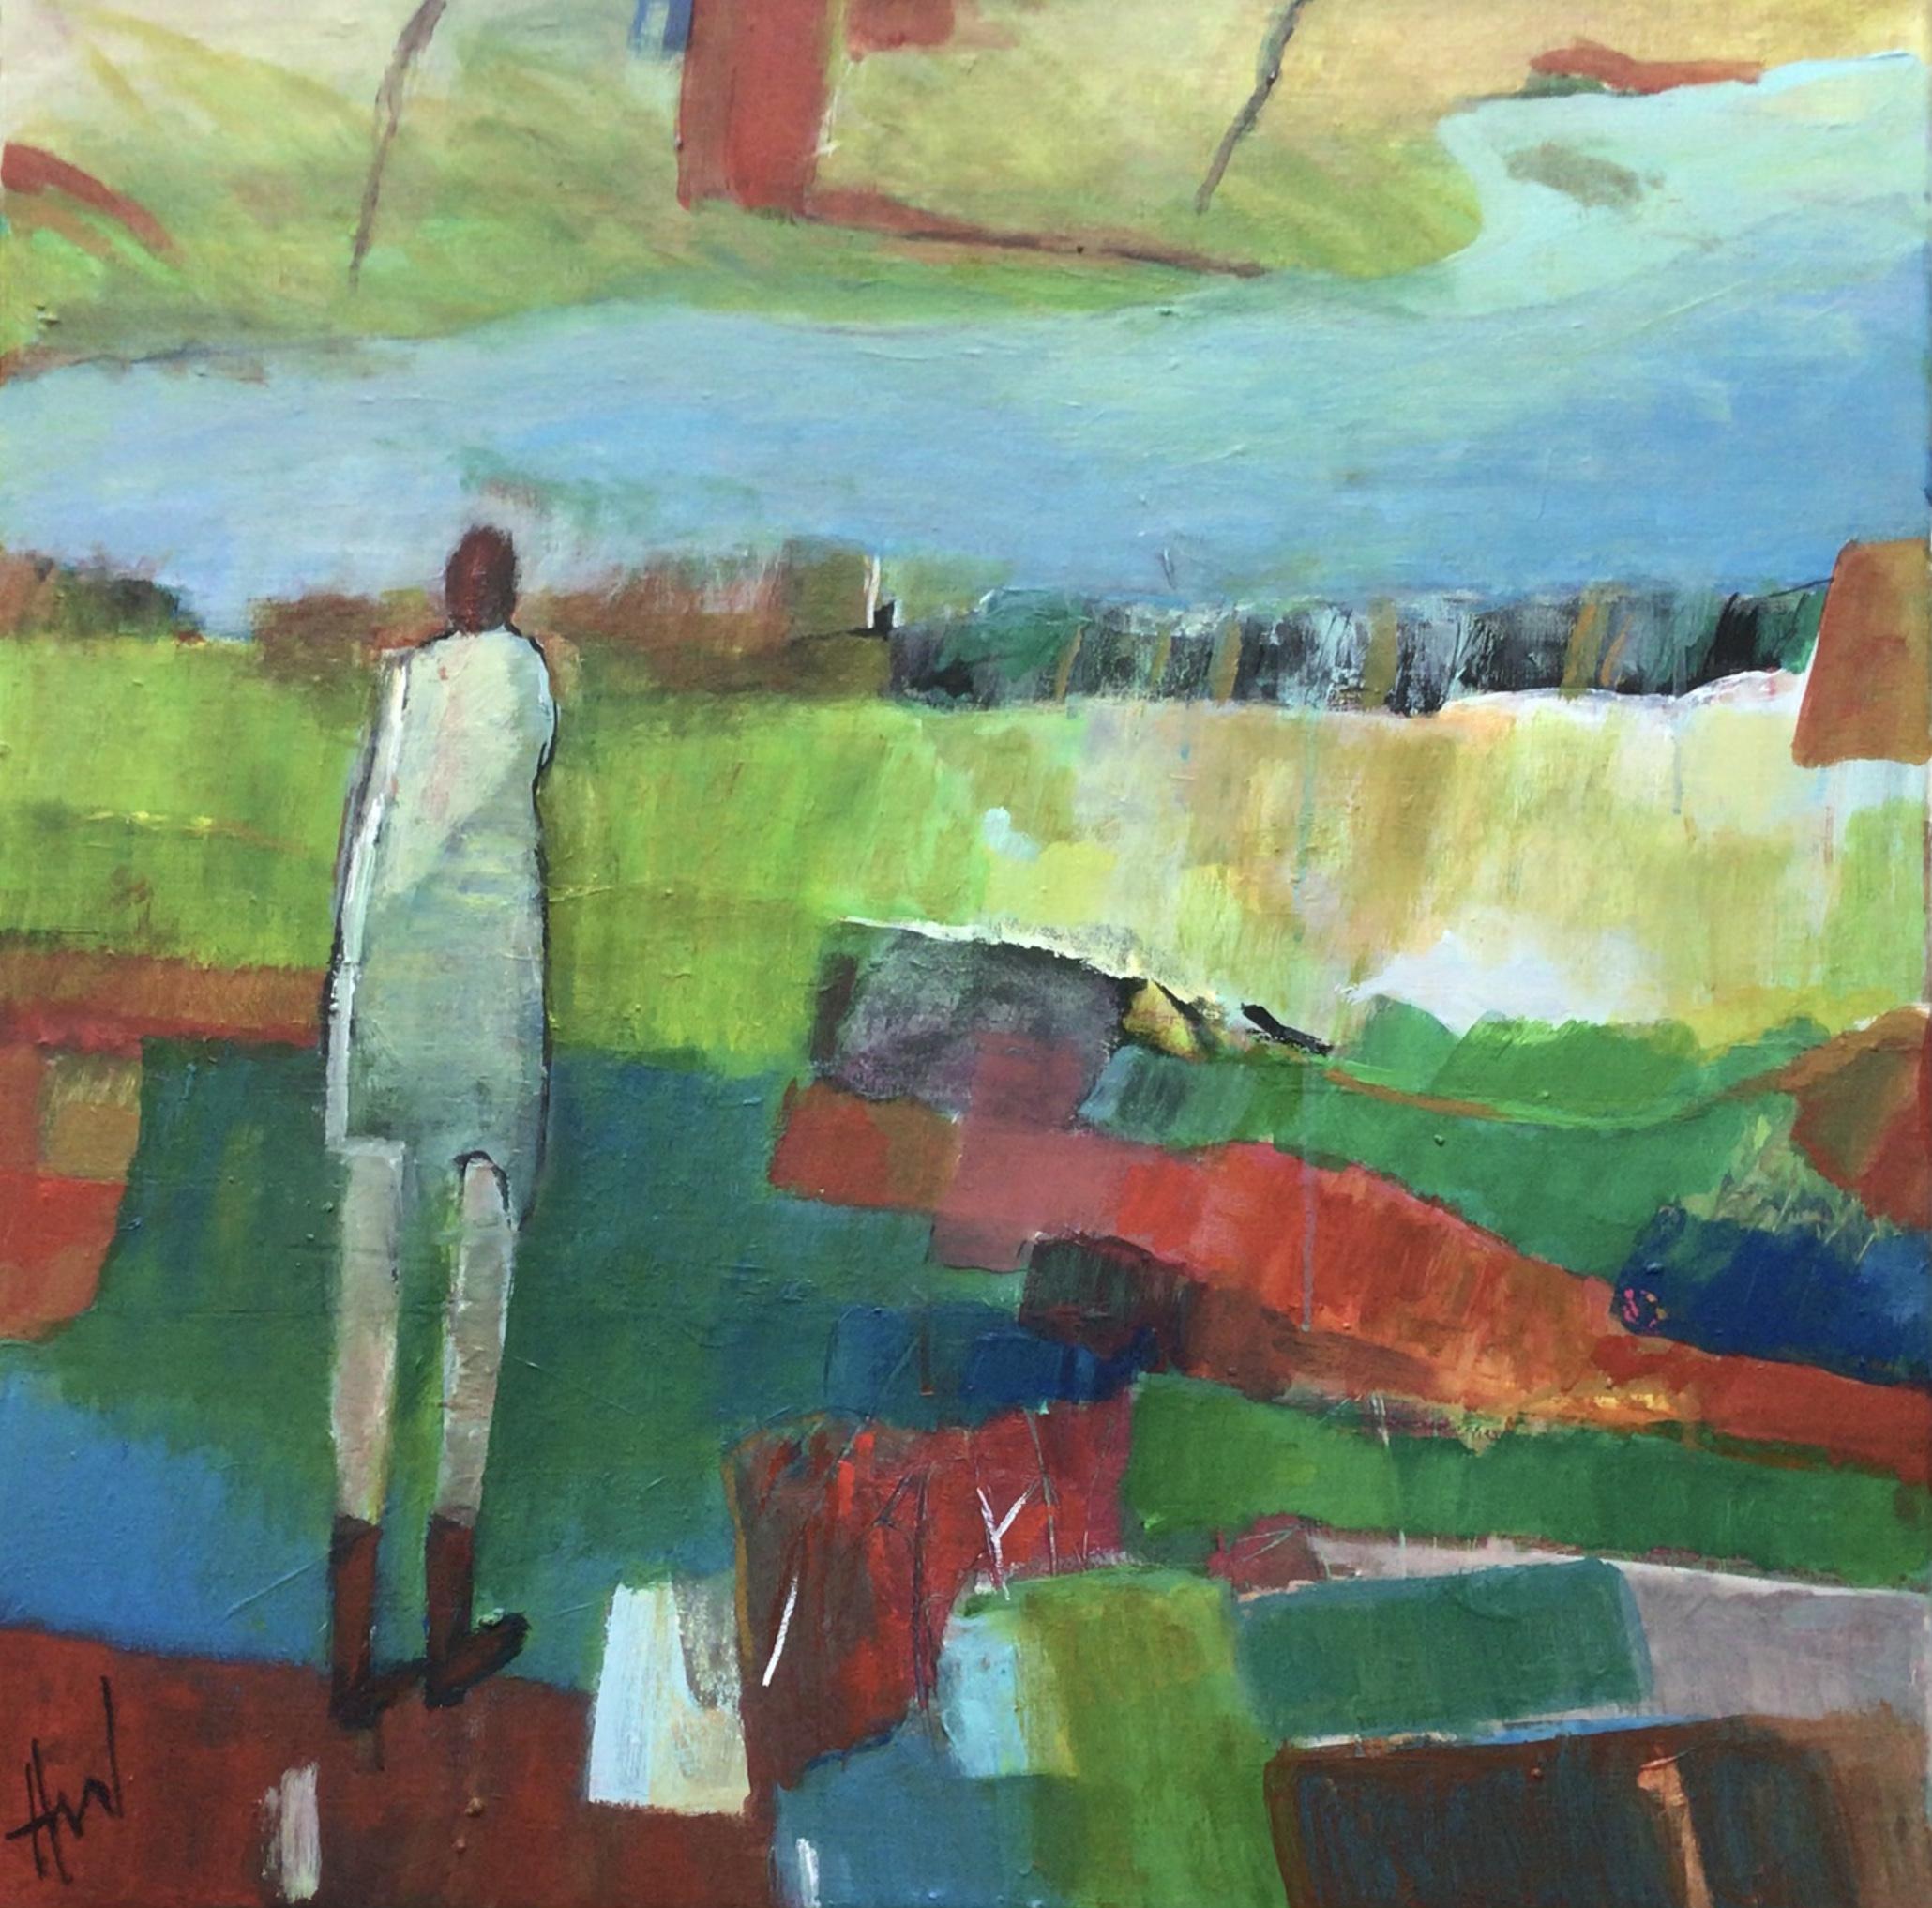 Kunst: Uitzicht van kunstenaar Heleen Wilke